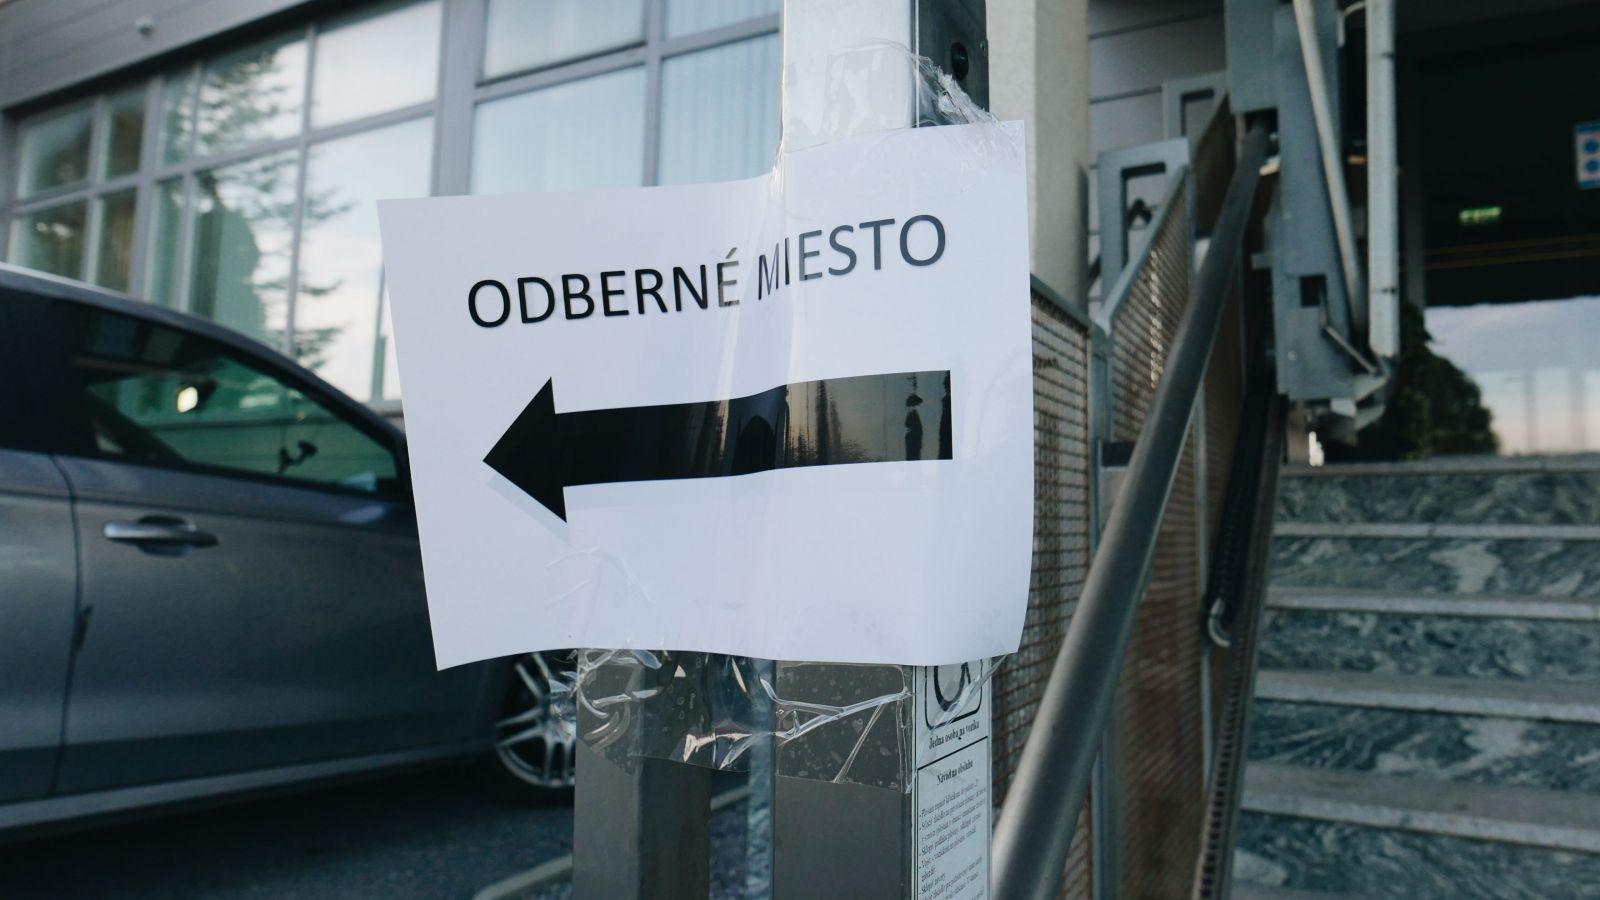 Boli sme sa testovať na Orave: Ľudia čakajú tri hodiny v rade, na mnohých miestach chýba zdravotný personál